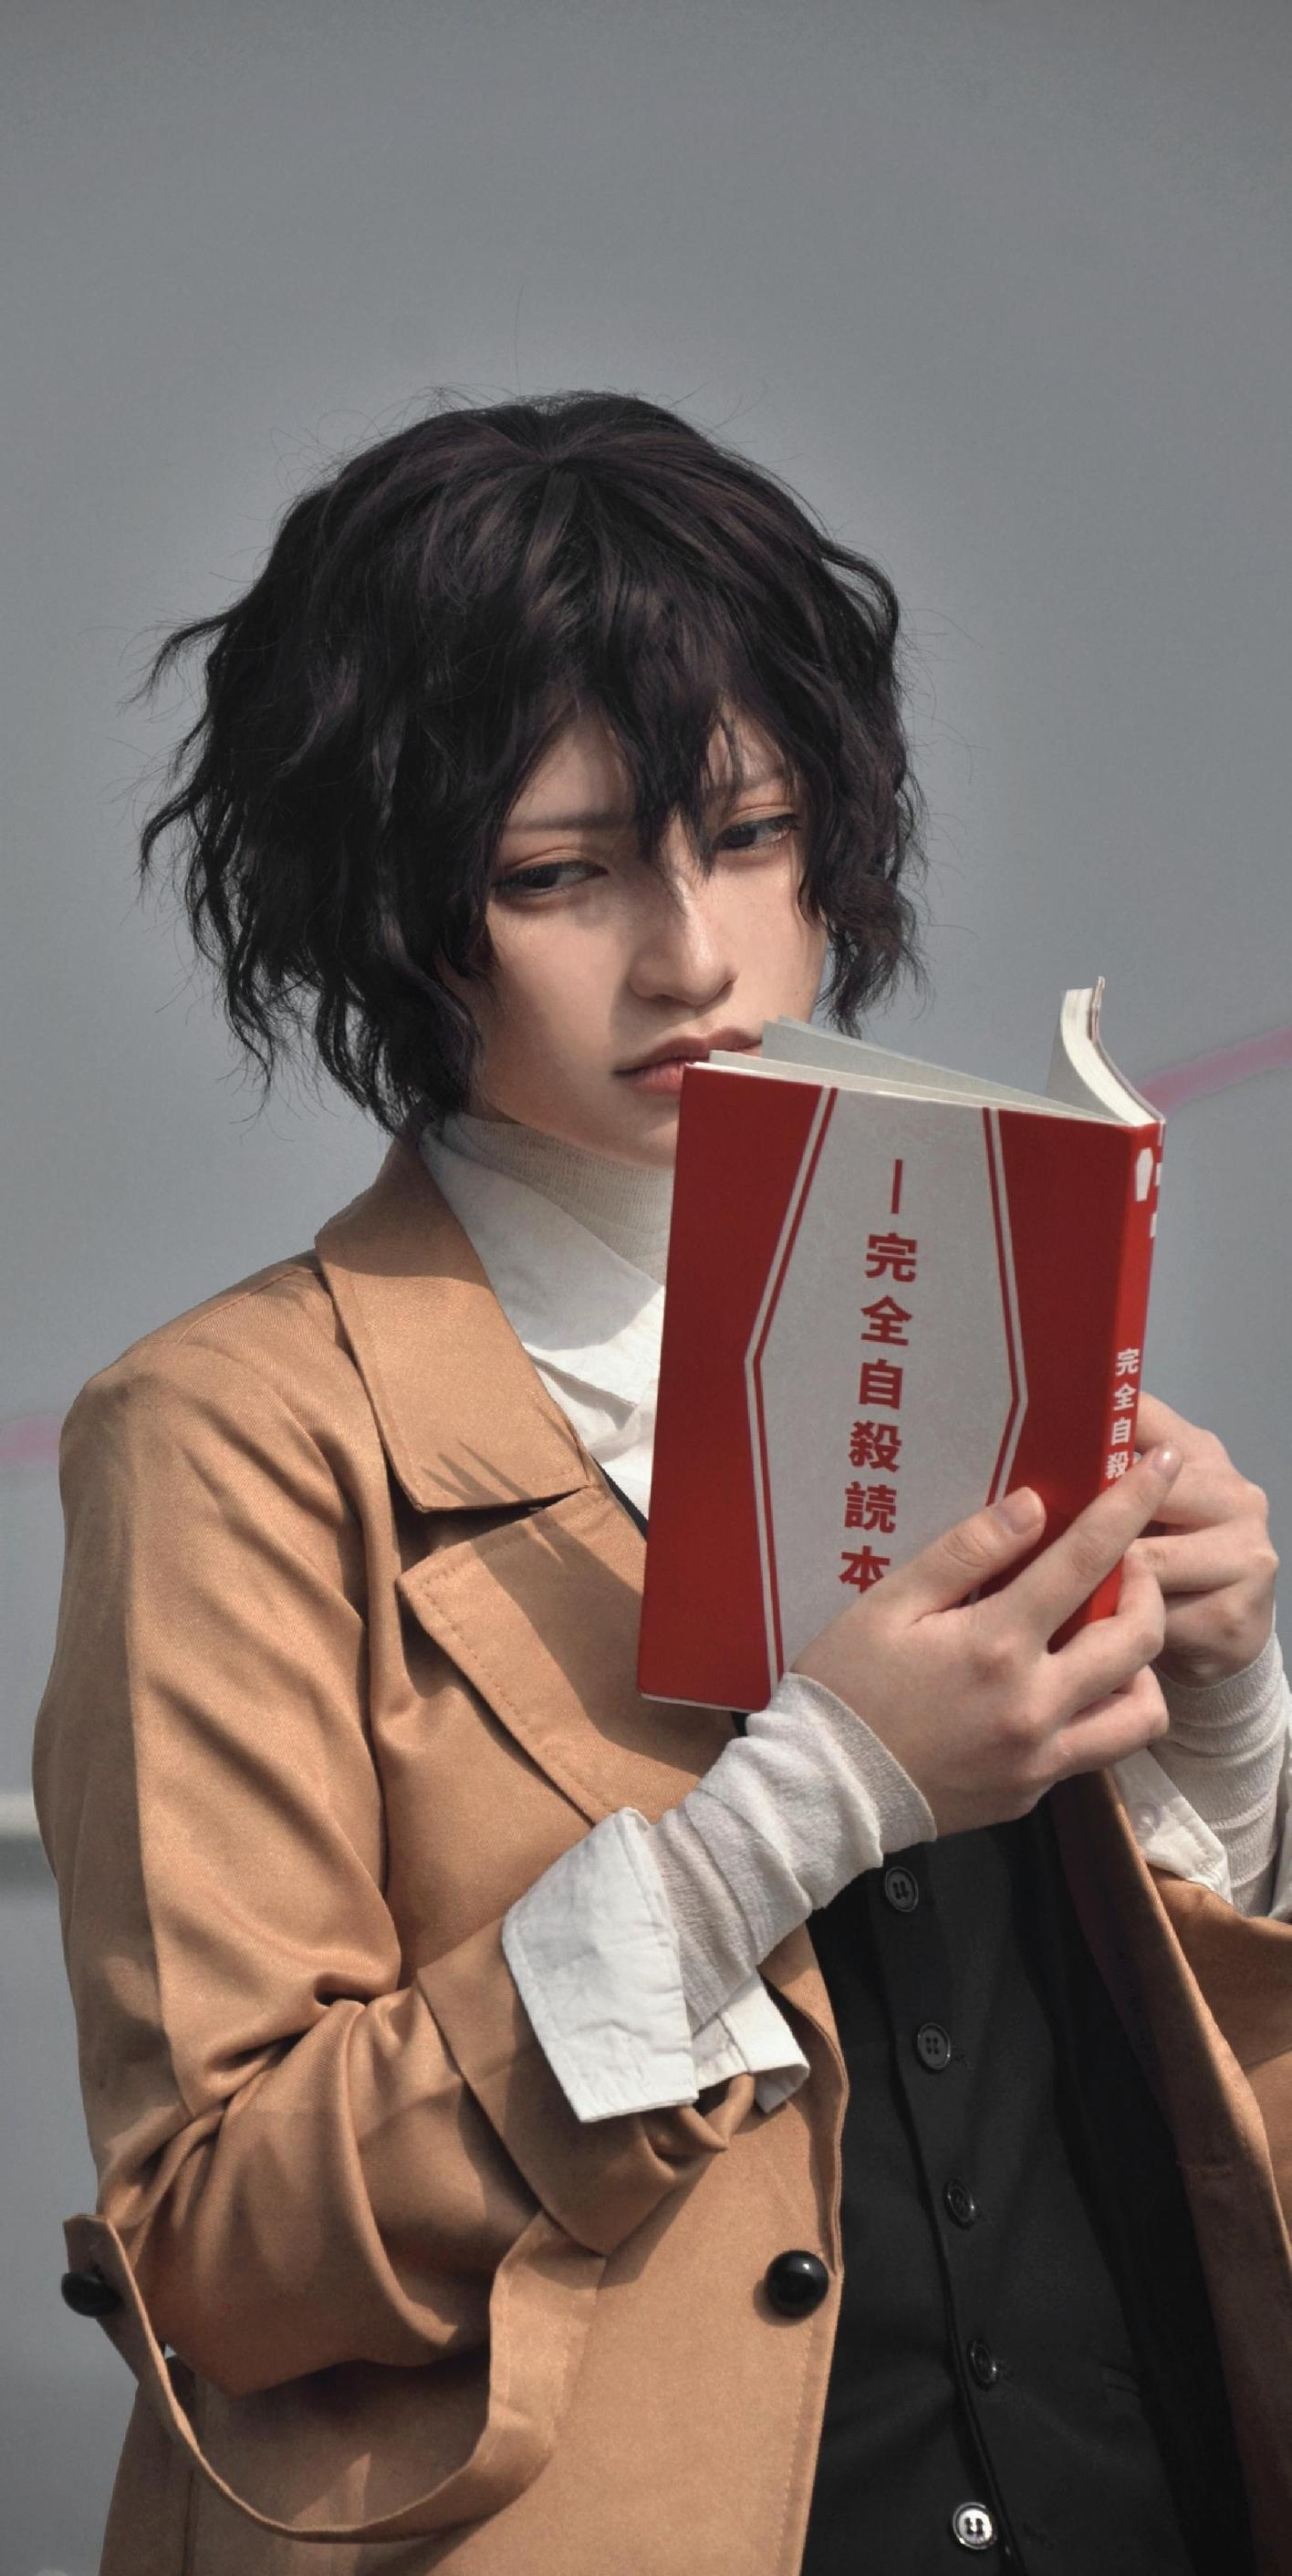 《文豪野犬》正片cosplay【CN:以撒尼】-第5张